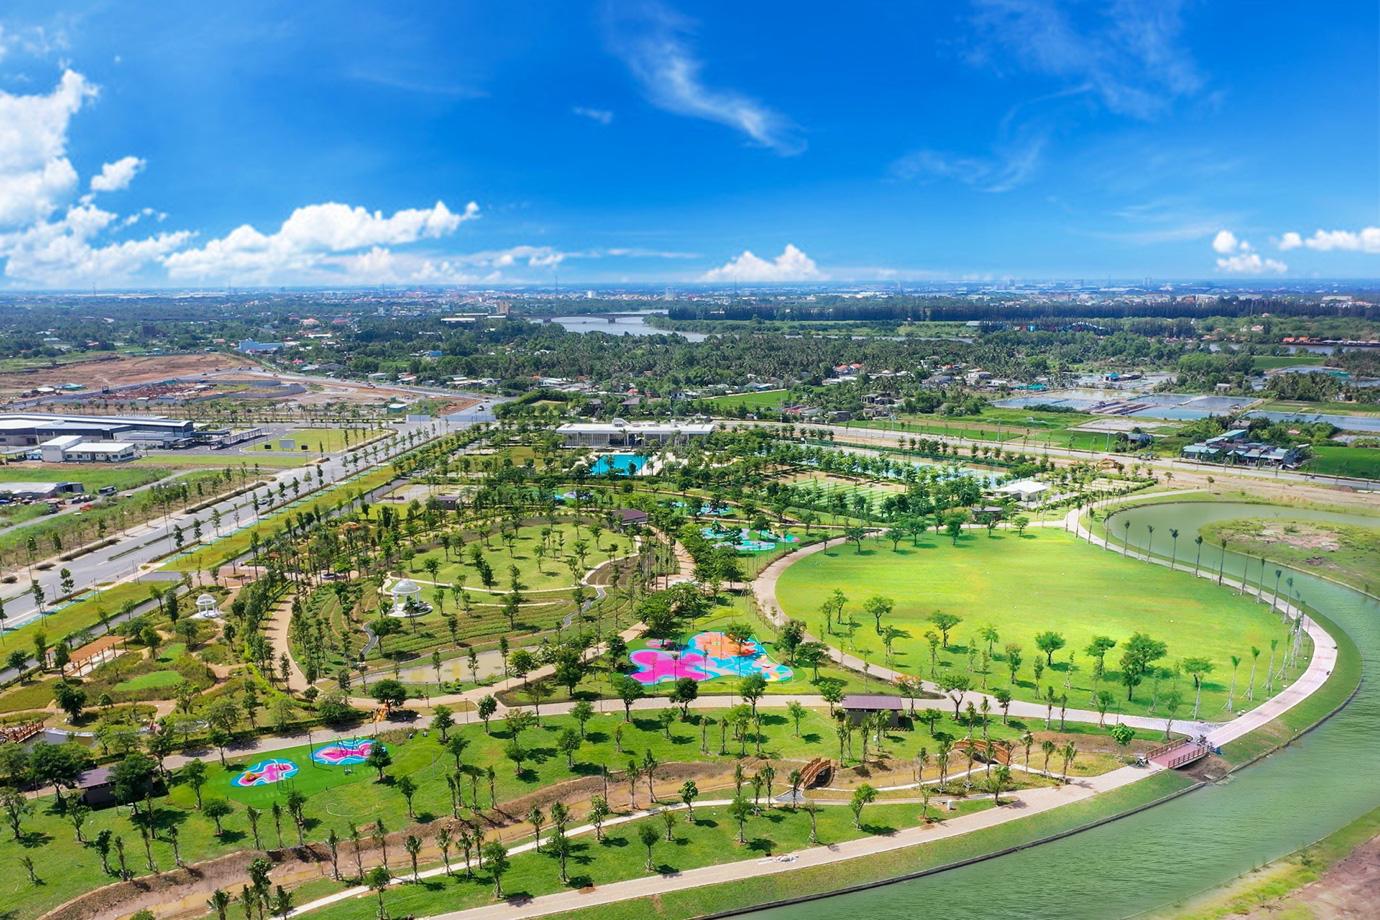 KĐT tích hợp Waterpoint do Nam Long Group phát triển tại Long An.